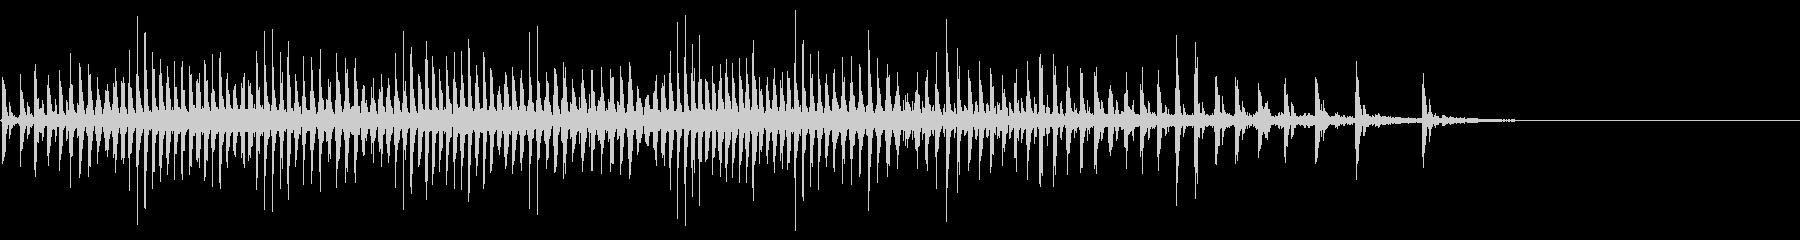 [生録音]魚釣り、リールを巻く03の未再生の波形